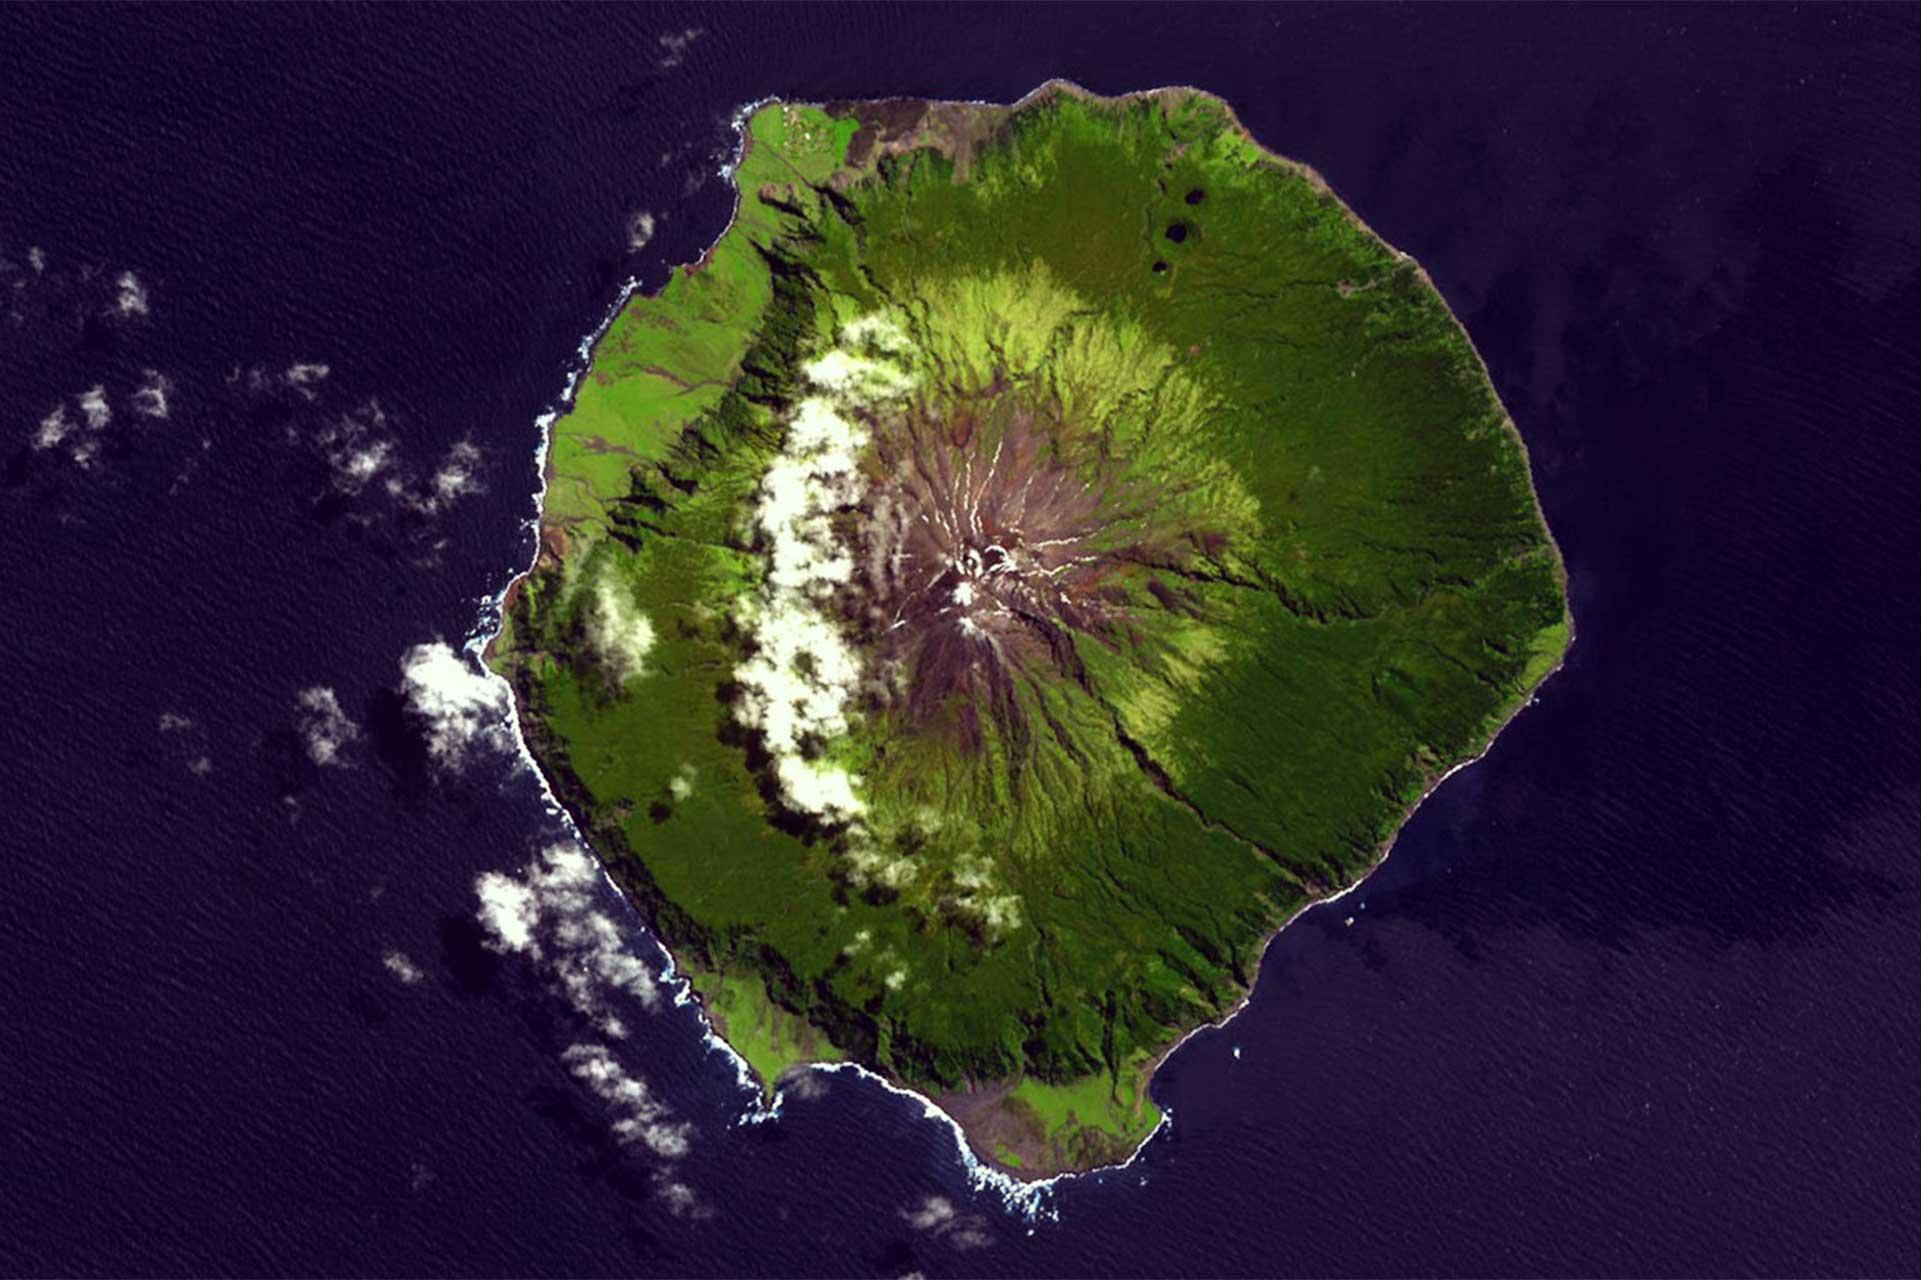 Trstan da Cunha am Ende der Welt